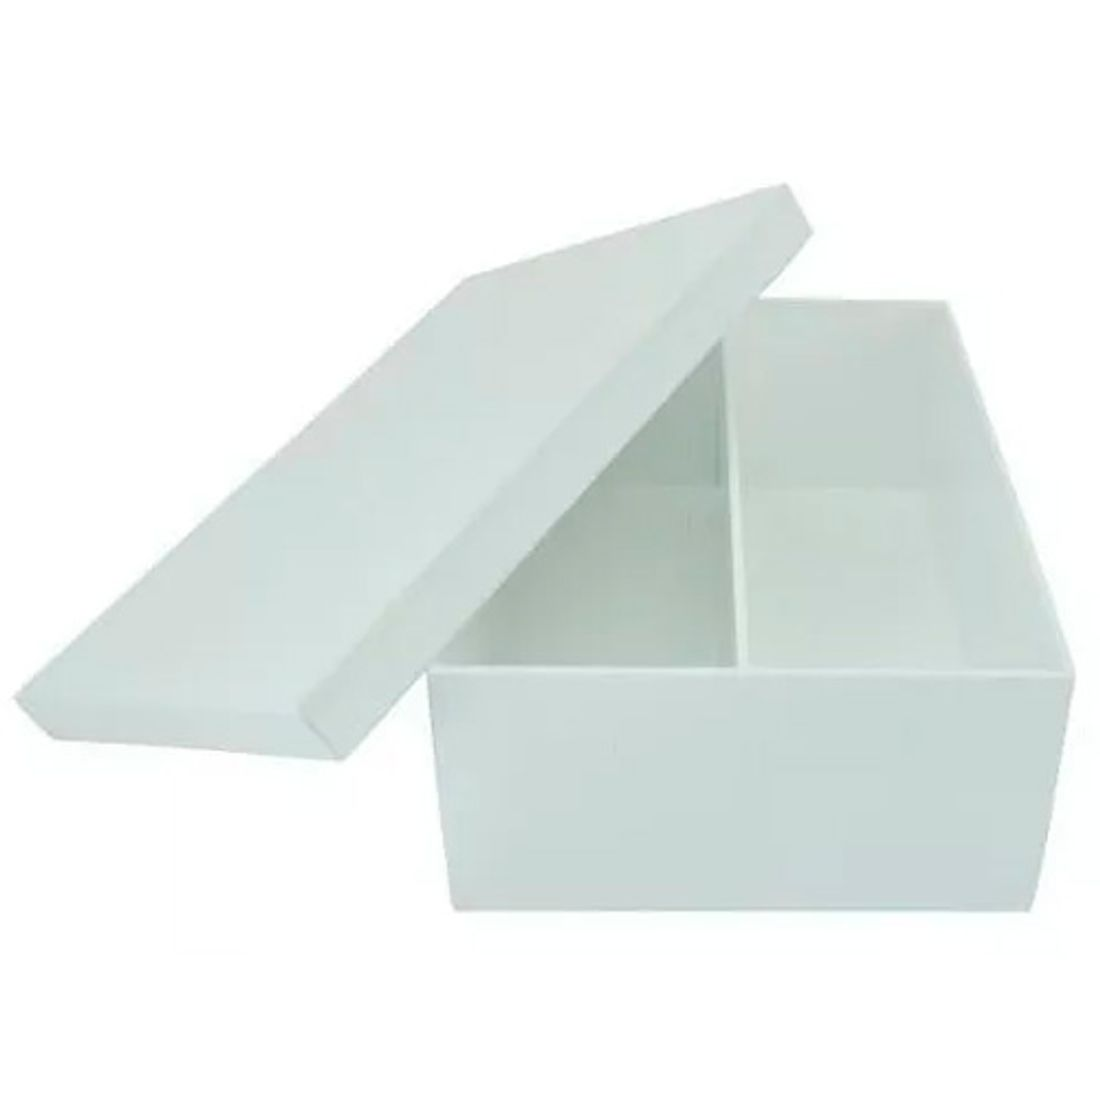 Caixa-Para-Mini-Chandon-1-Divisoria-22x16x8-Mdf-Pintado